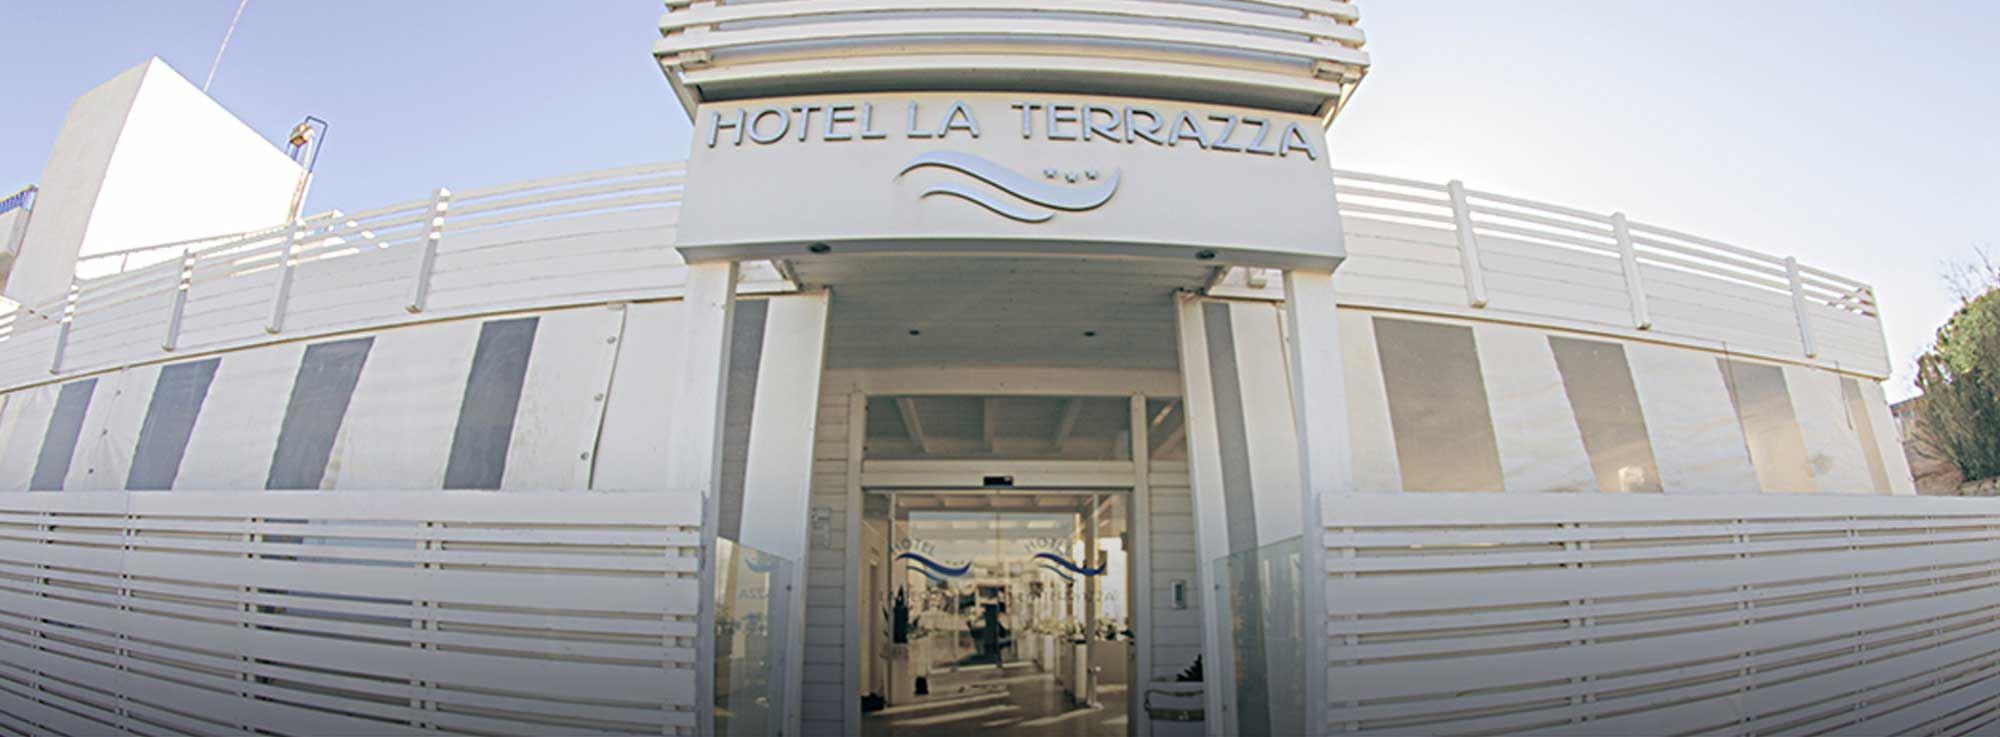 Hotel La Terrazza Barletta (BT) - Camere vista mare e ristorante